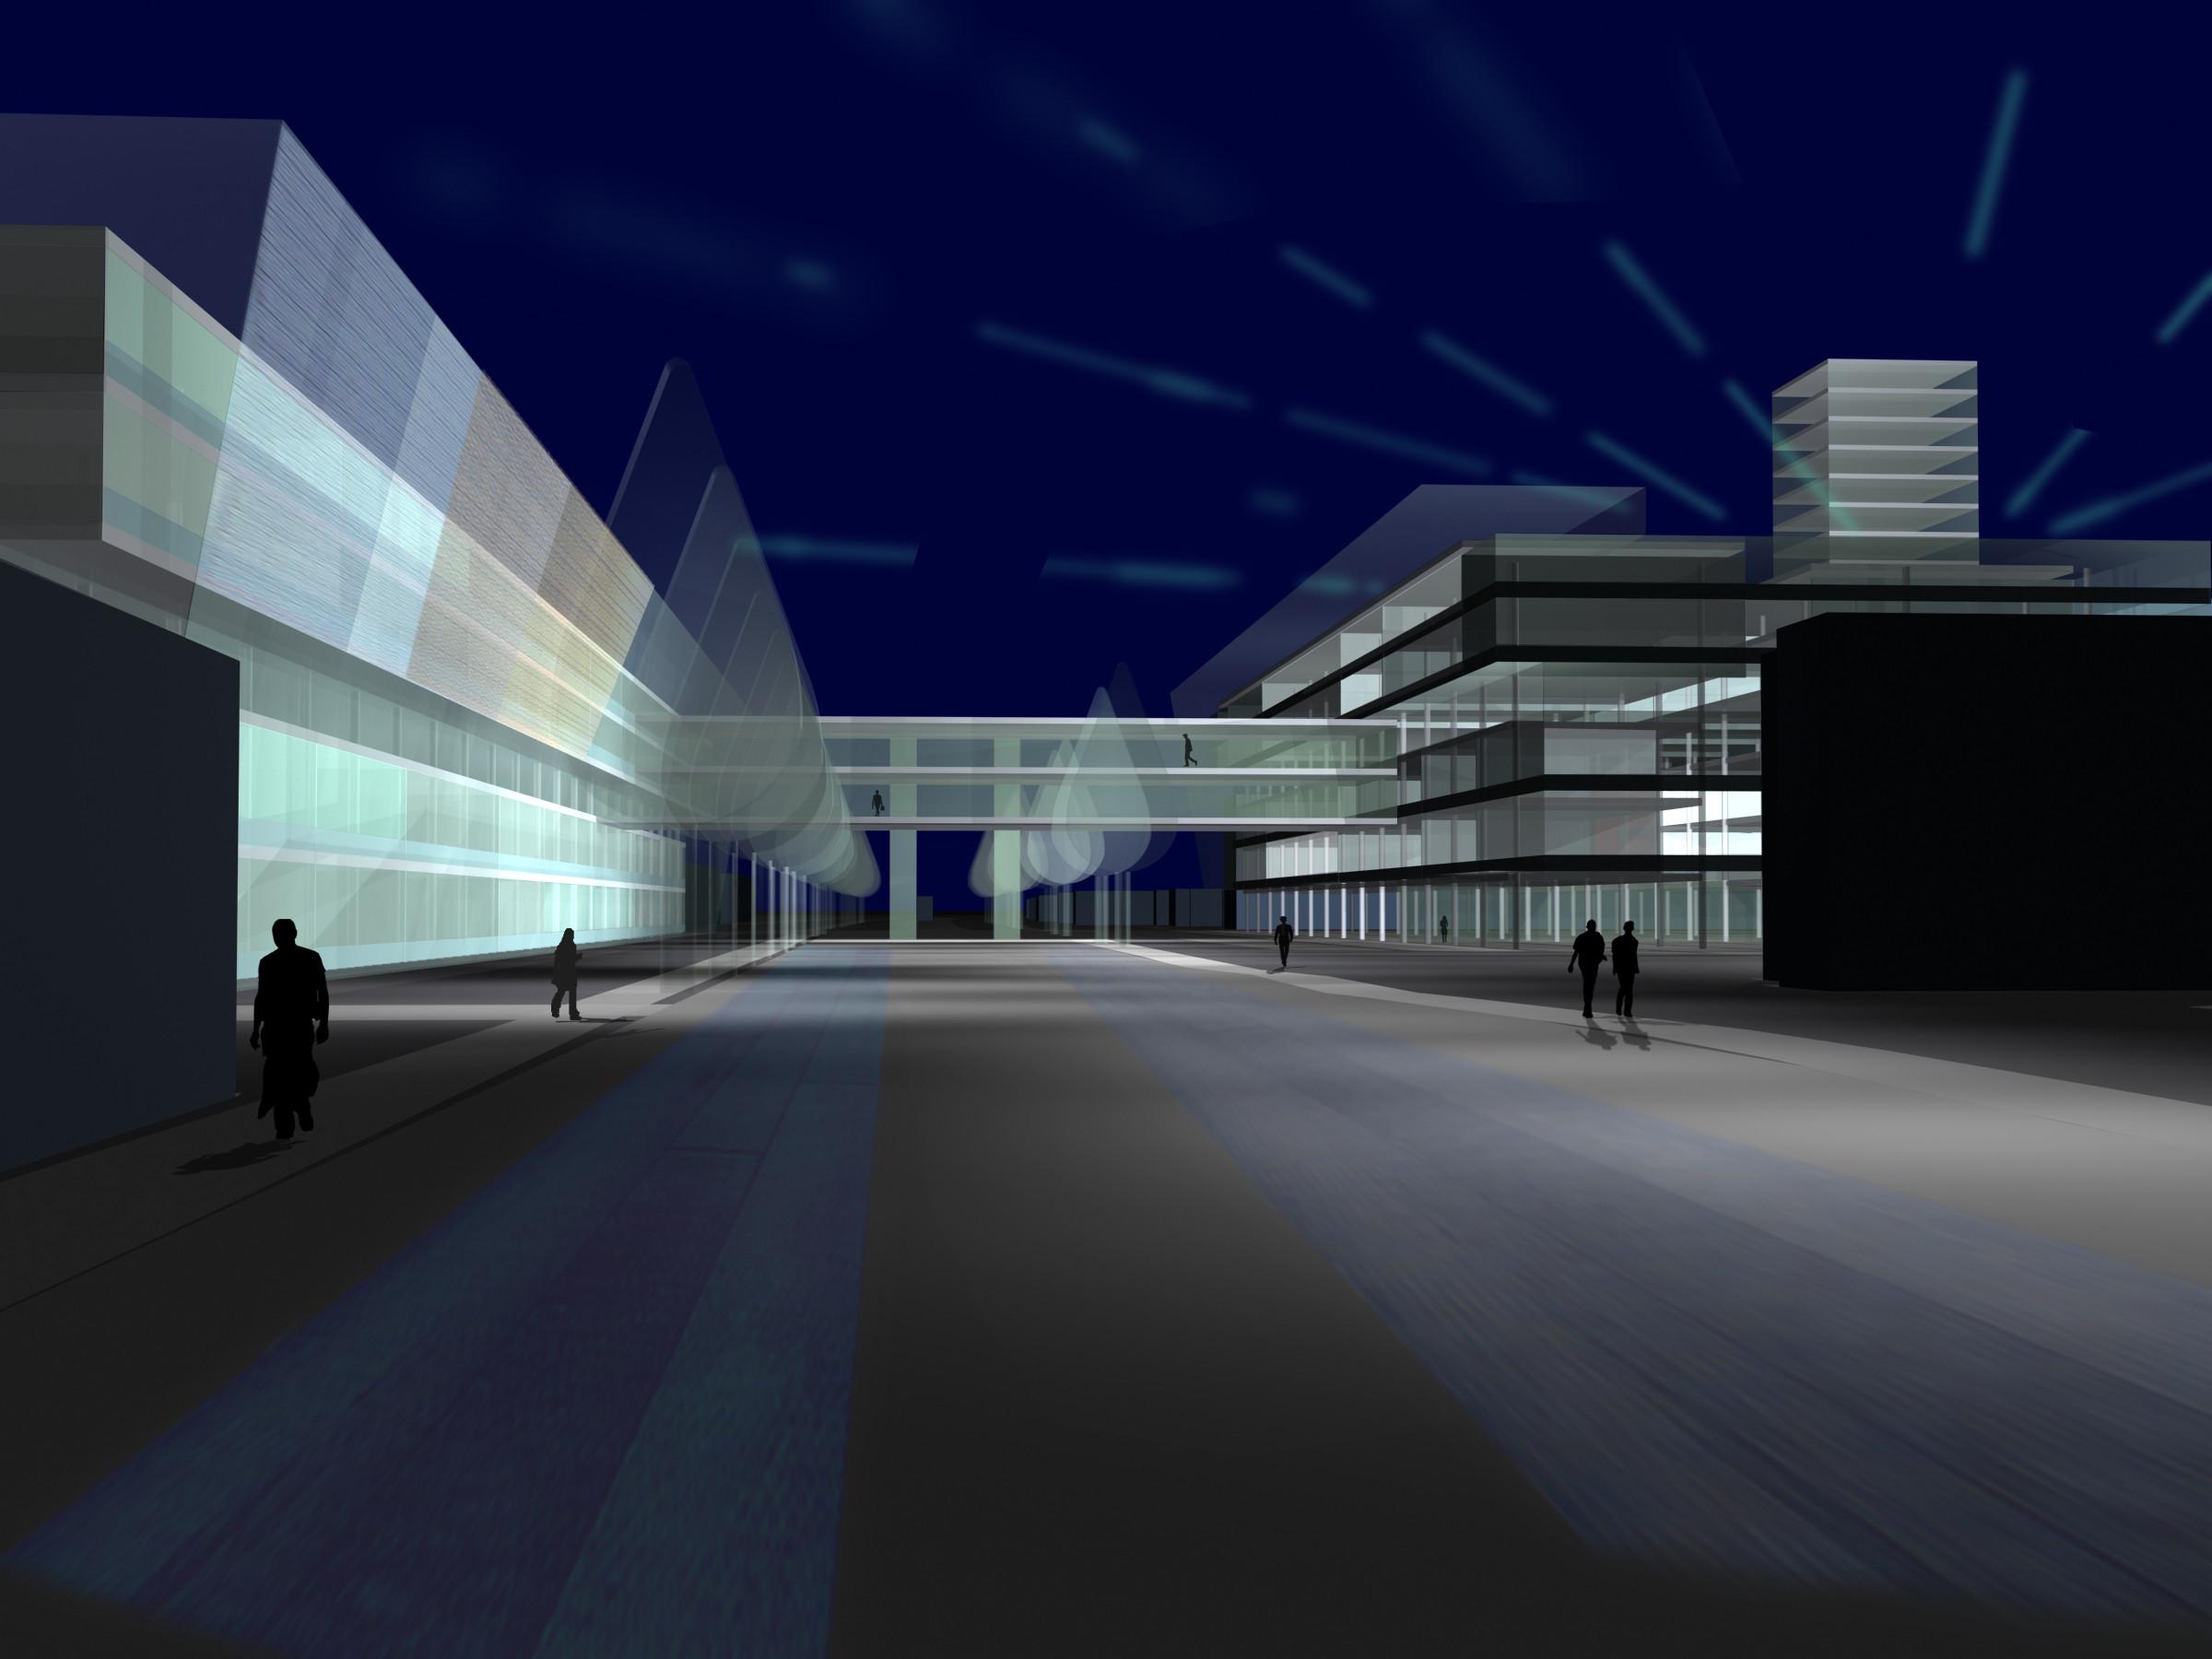 <p>© RUNSER / PRANTL architekten, Harter Plateau Leonding Umgestaltung, 4060 Leonding, Oberösterreich, Österreich, Wettbewerb, 2003, Kaufpark, Bürohaus, Wohnhausanlage</p>